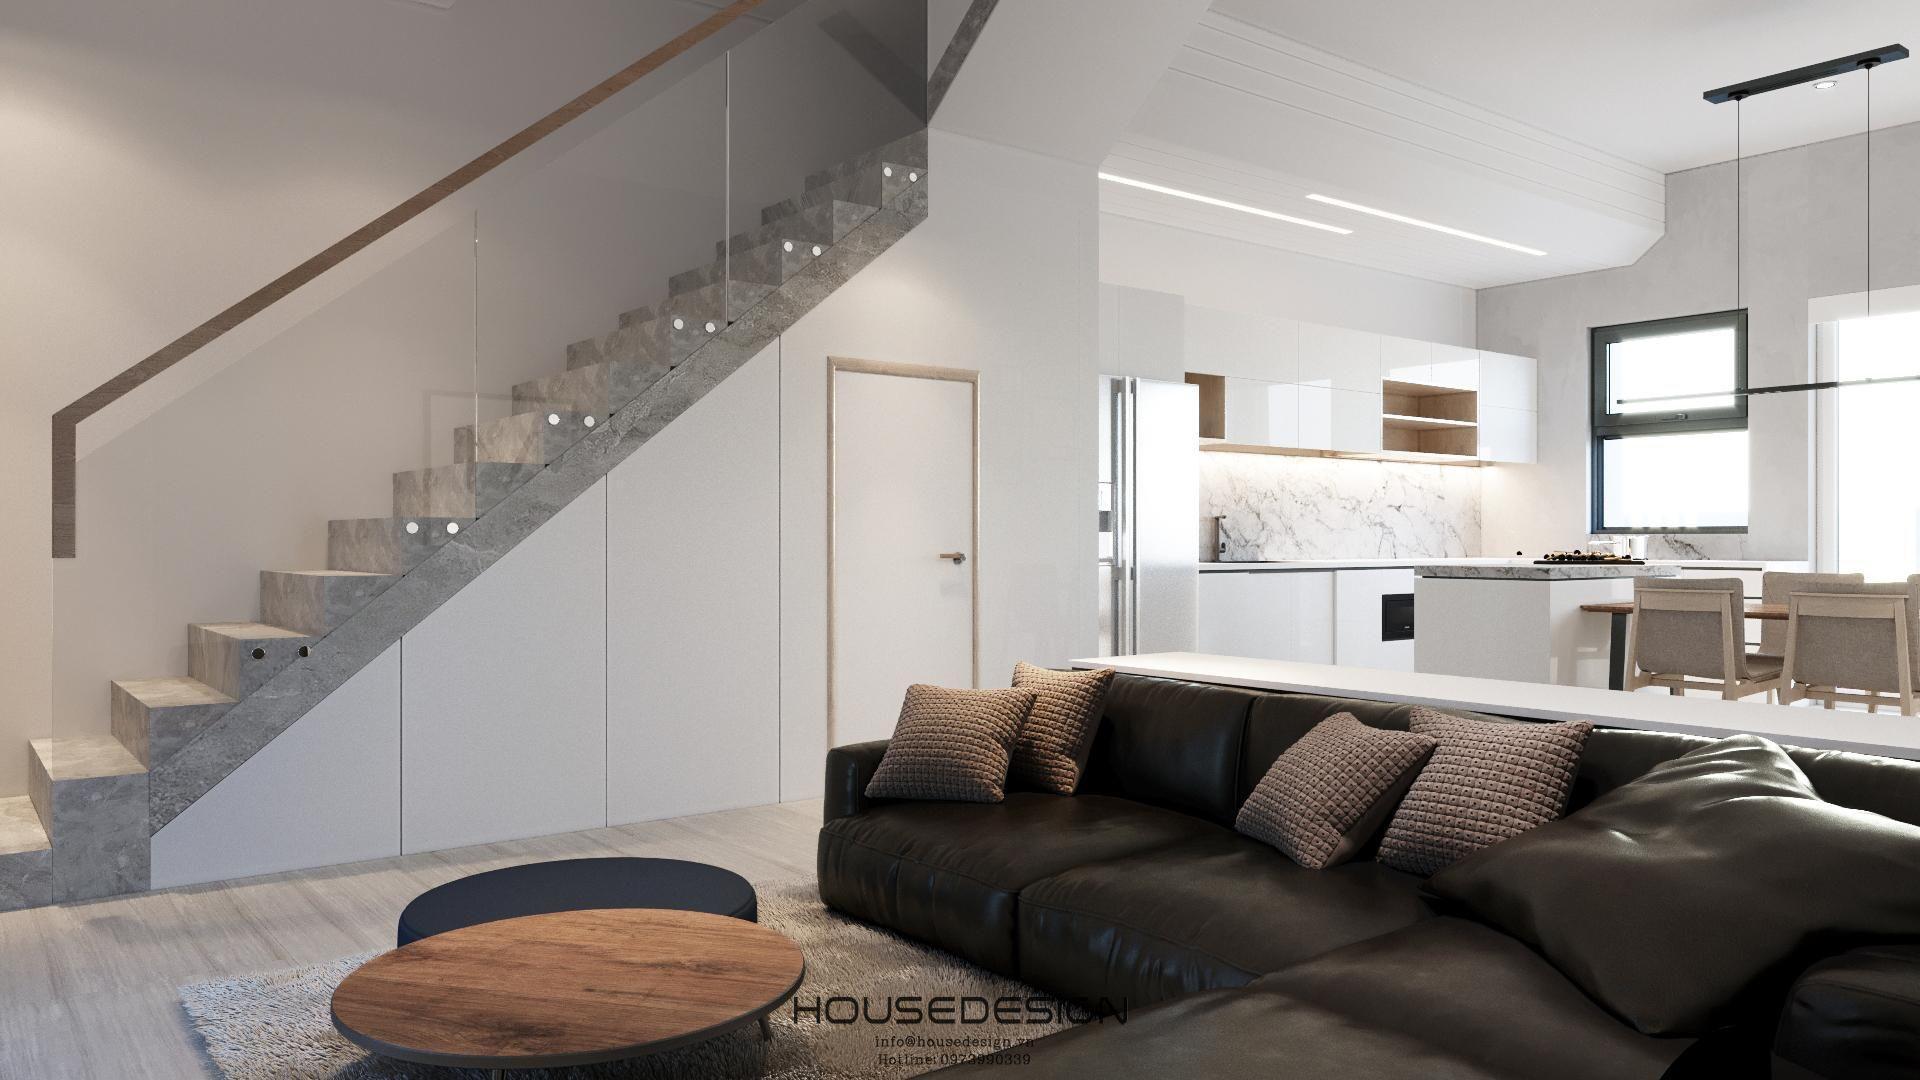 thiết kế nội thất phong cách mininalism